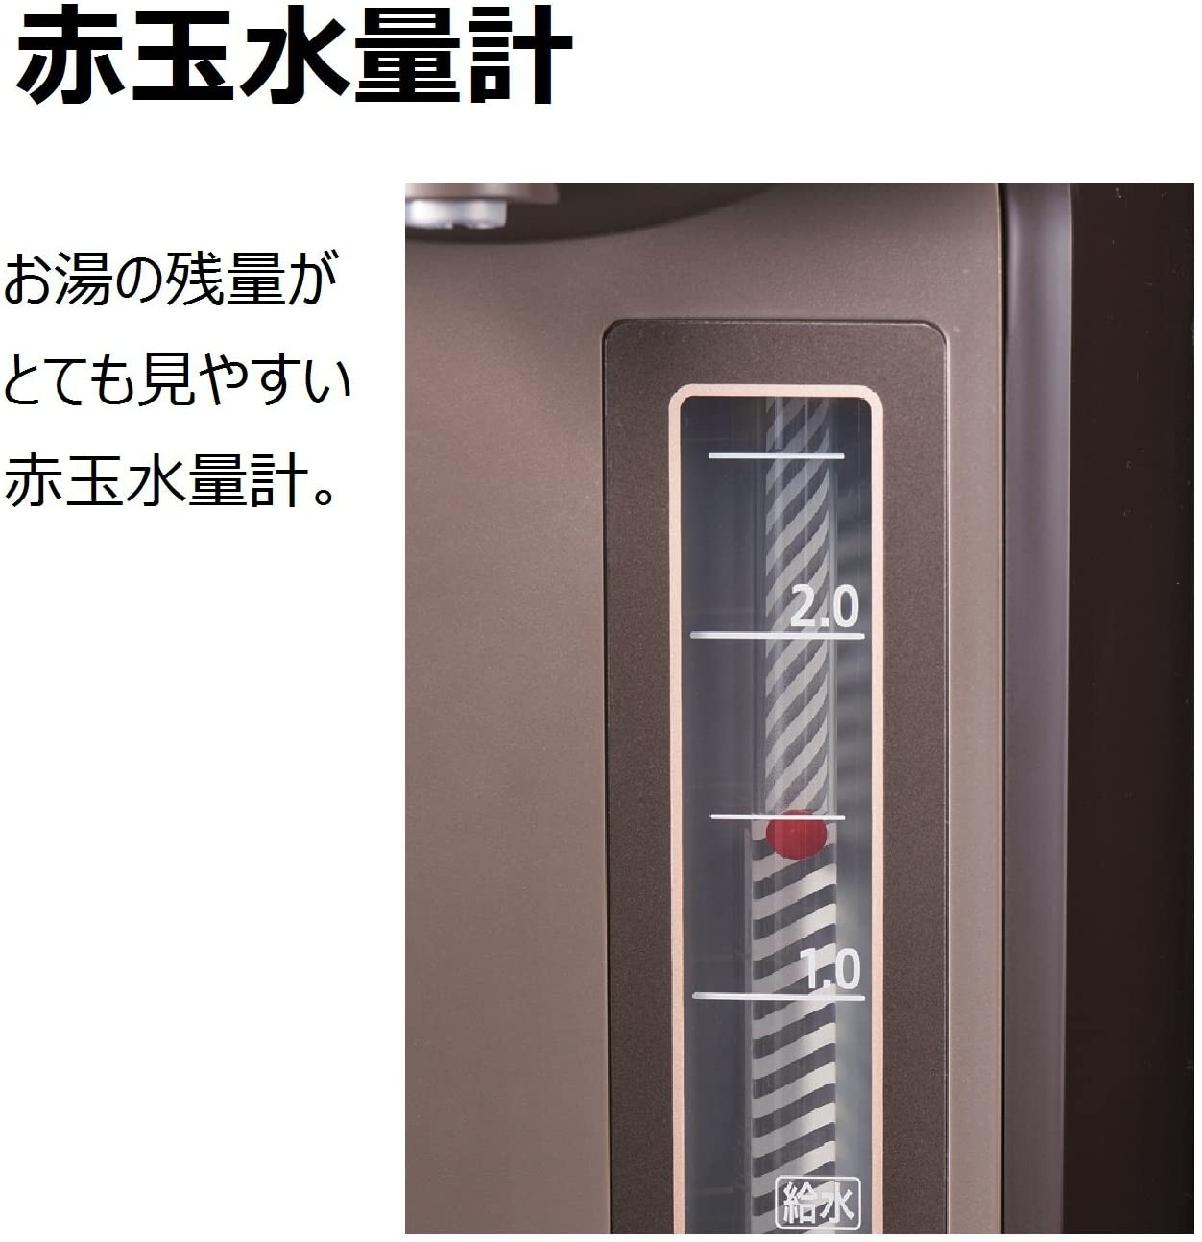 象印(ぞうじるし)マイコン沸とうVE電気まほうびん 優湯生(ゆうとうせい)/CV-GA30の商品画像7